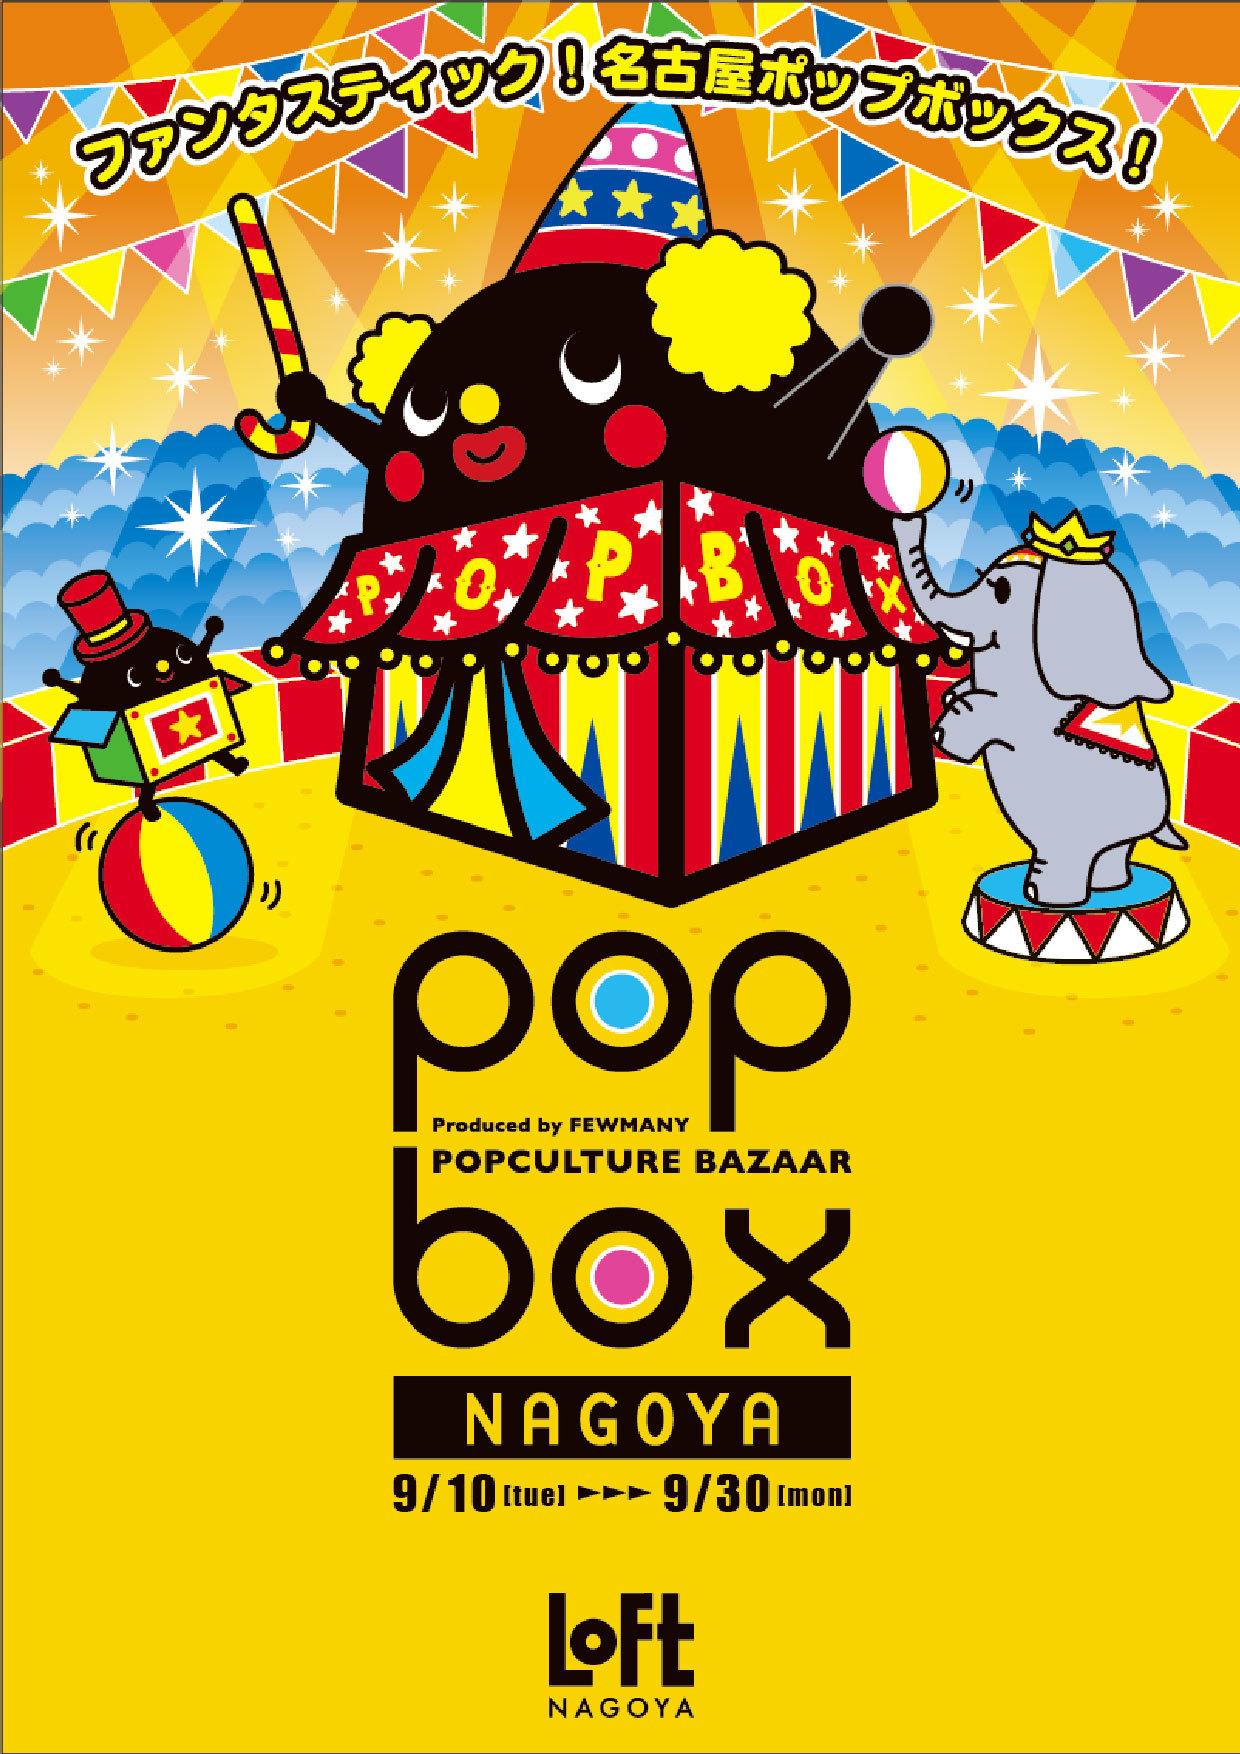 ロフト名古屋「POPBOX」ライブイベント開催!_f0010033_11484915.jpg